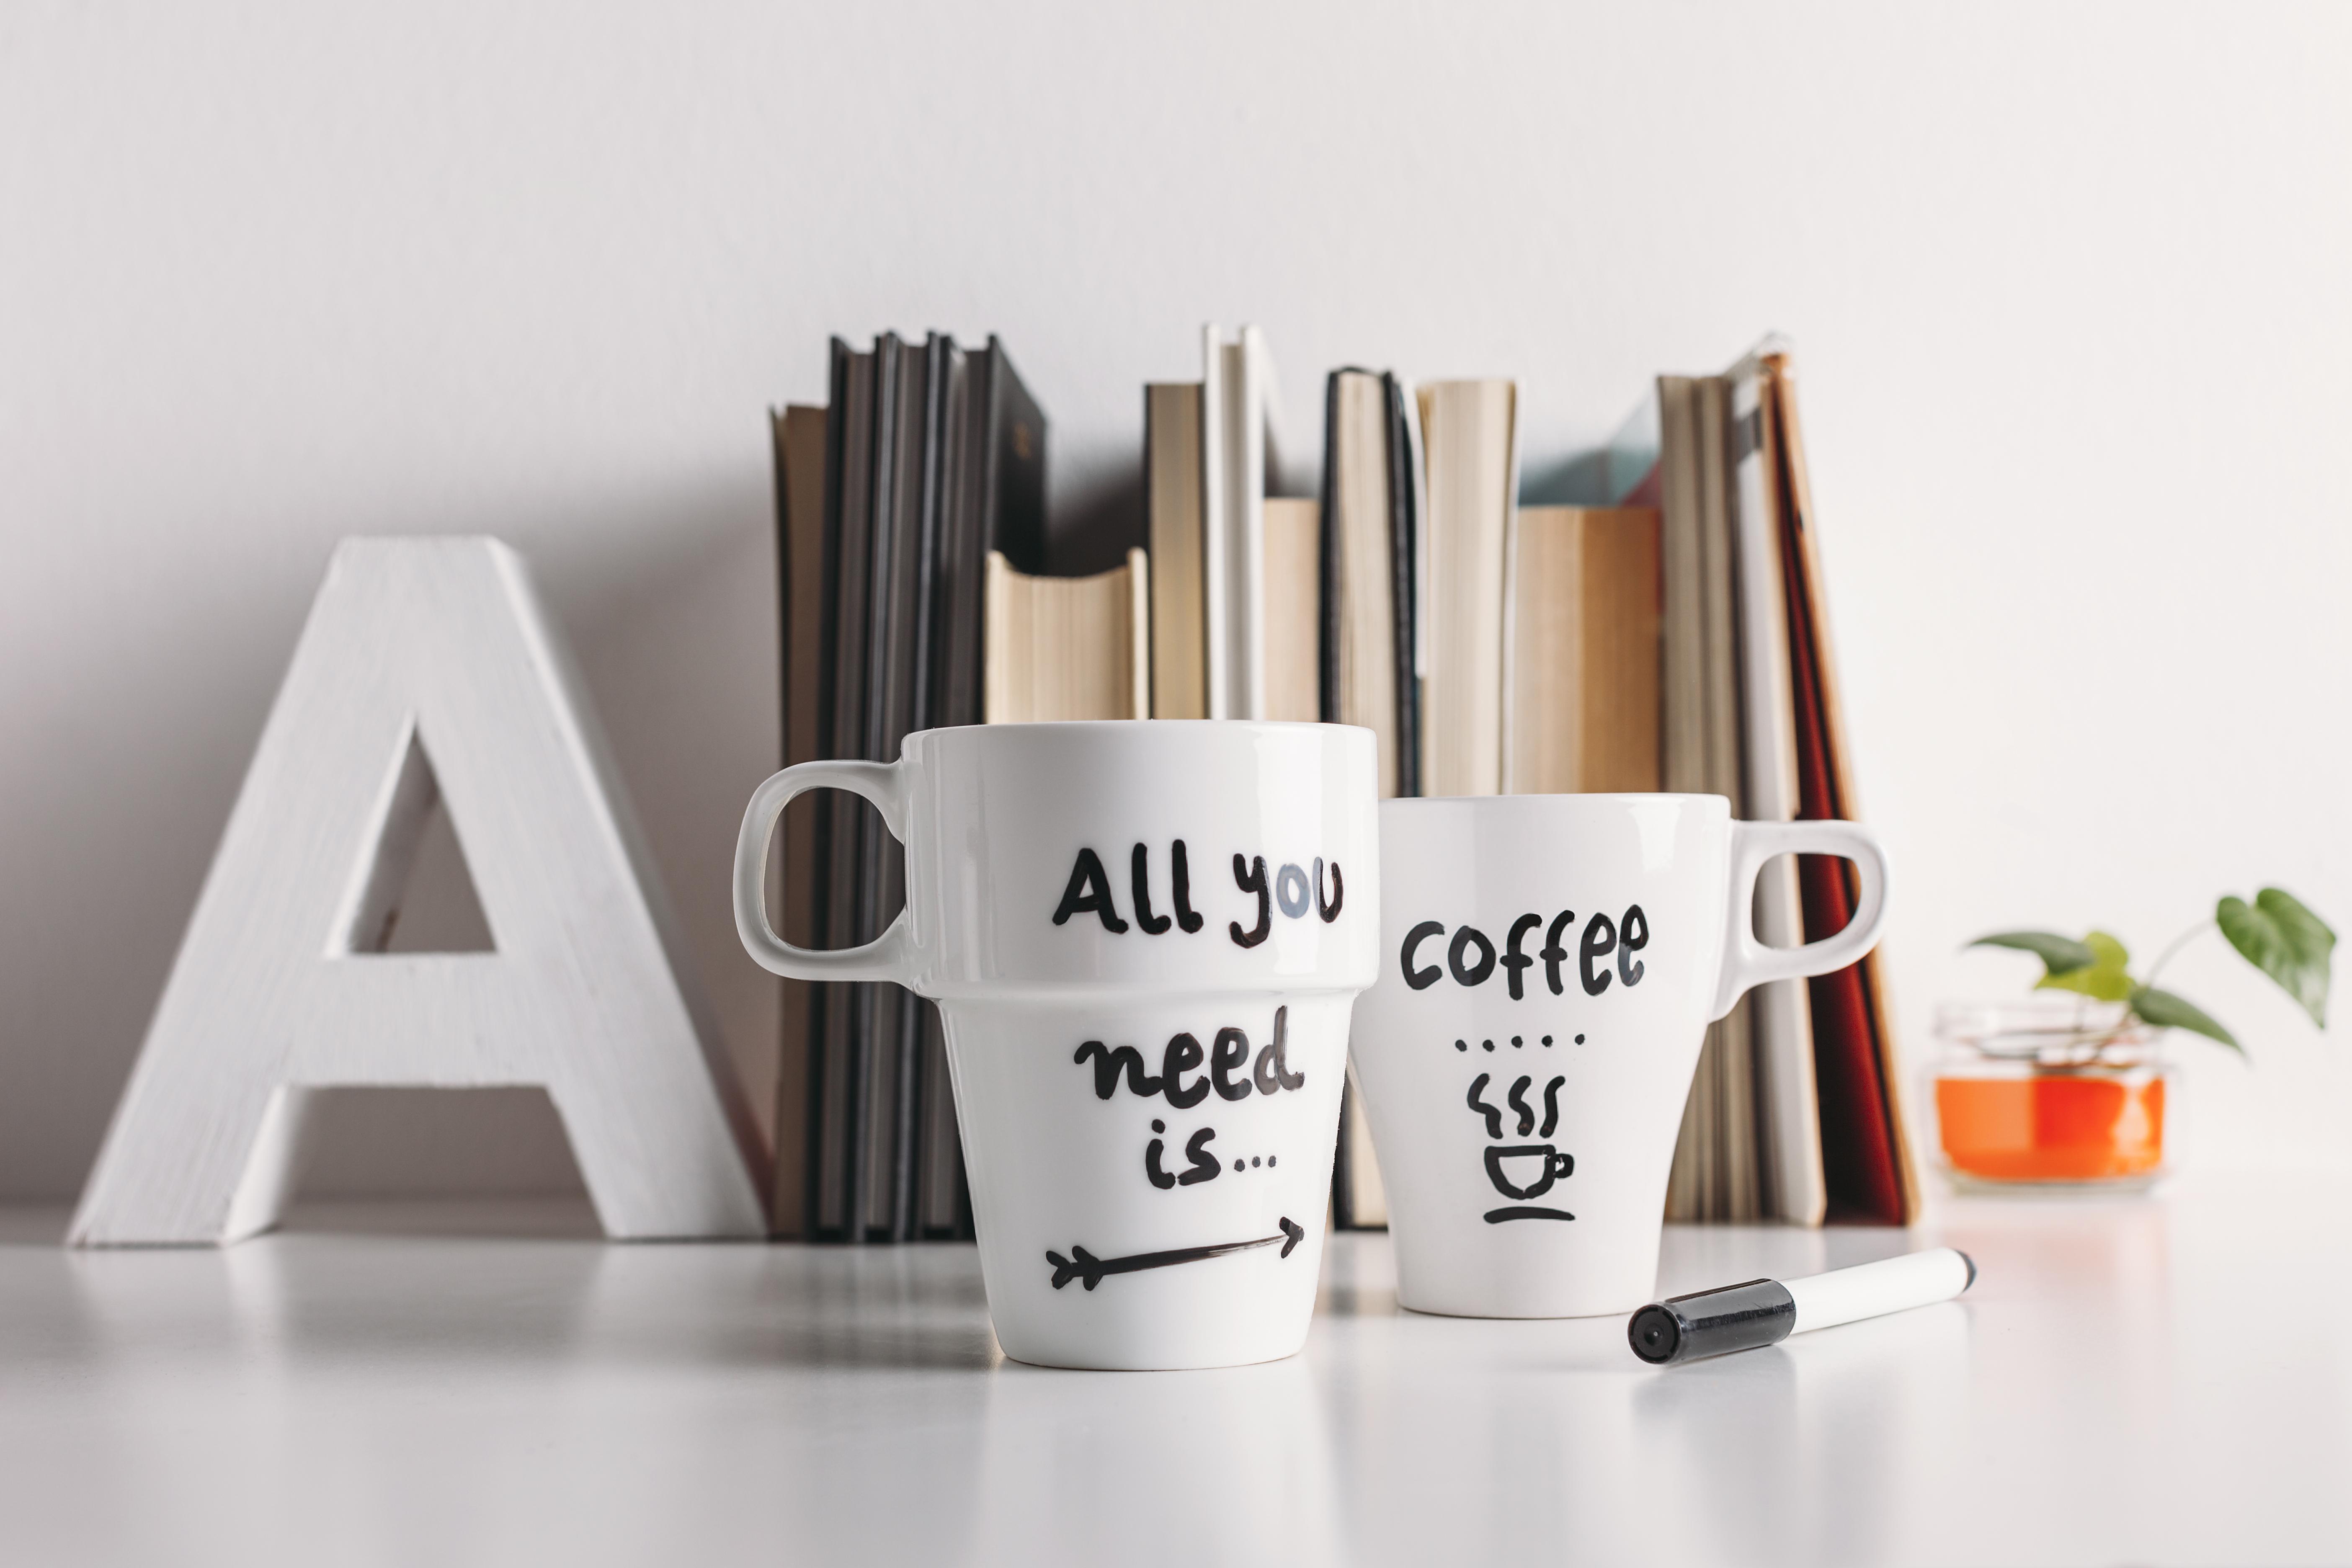 """""""All you need is coffee"""" som det står på kopparna kanske till viss del är sant då kaffe verkar ha flera olika hälsofördelar."""